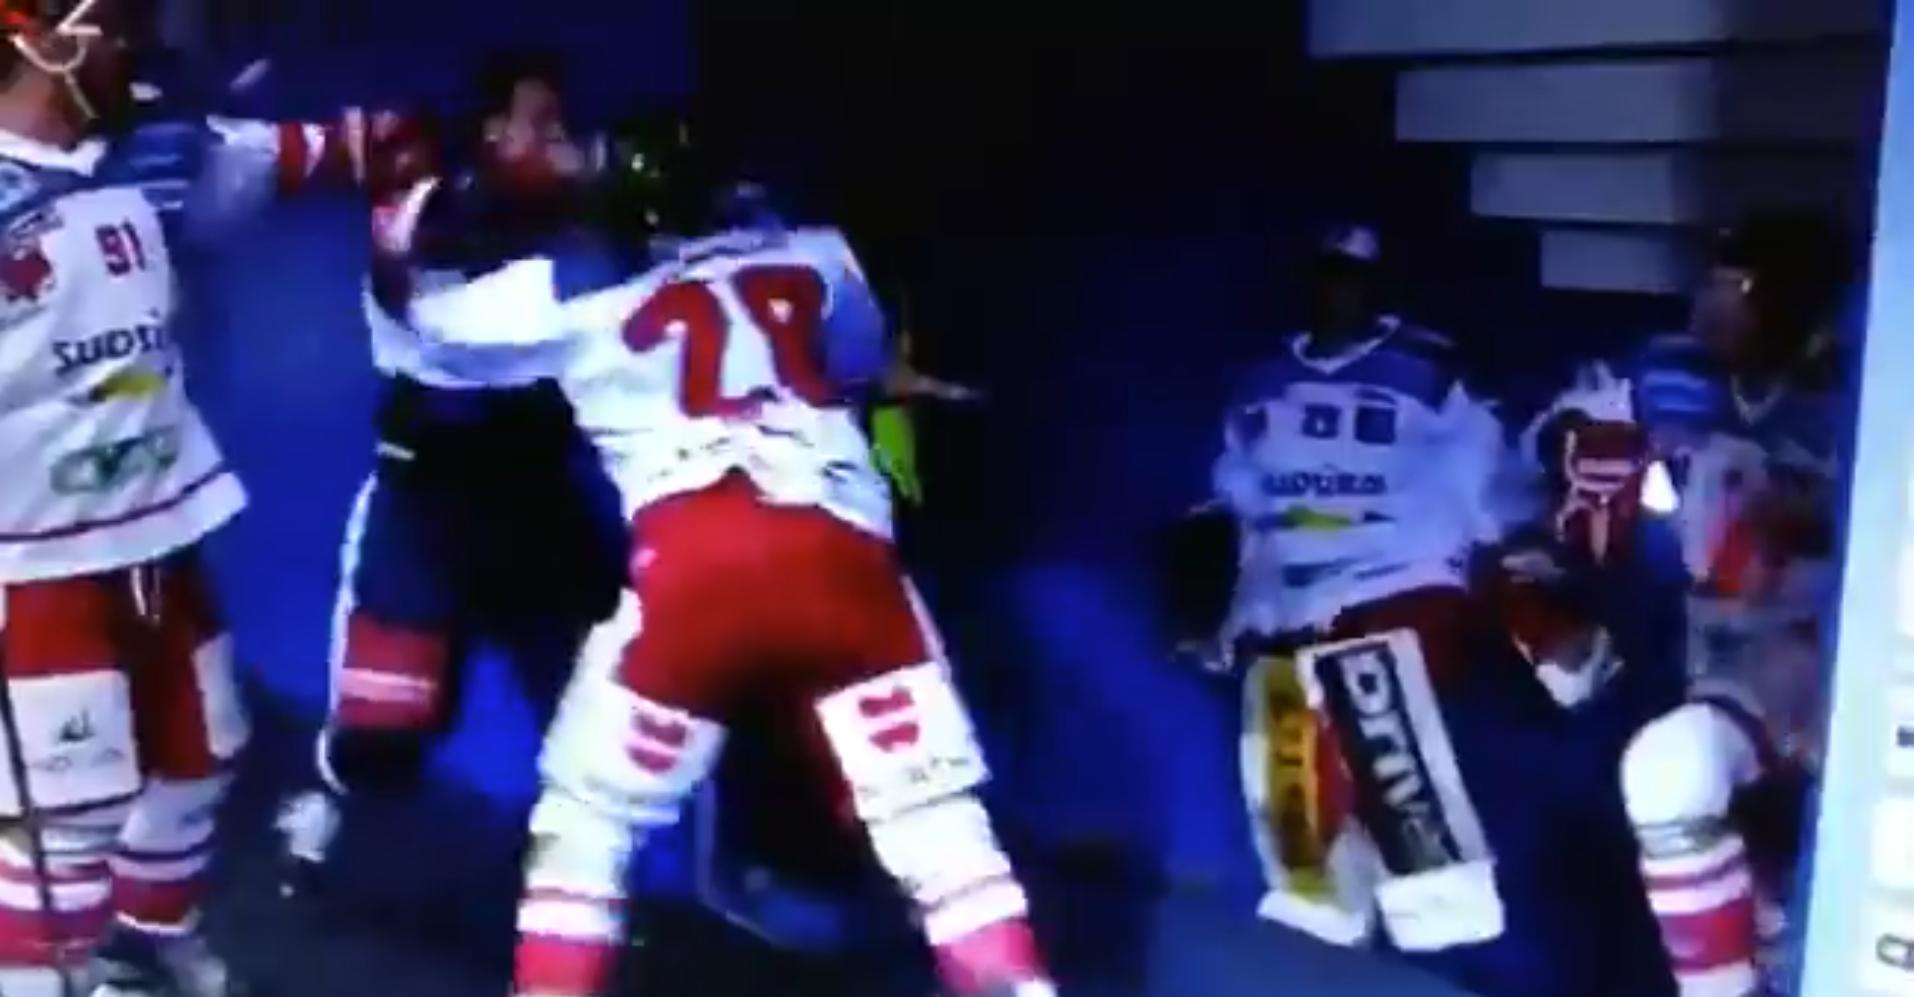 Golpes Hockey NHL Video Medvescak Zagrev Tom Zanoski